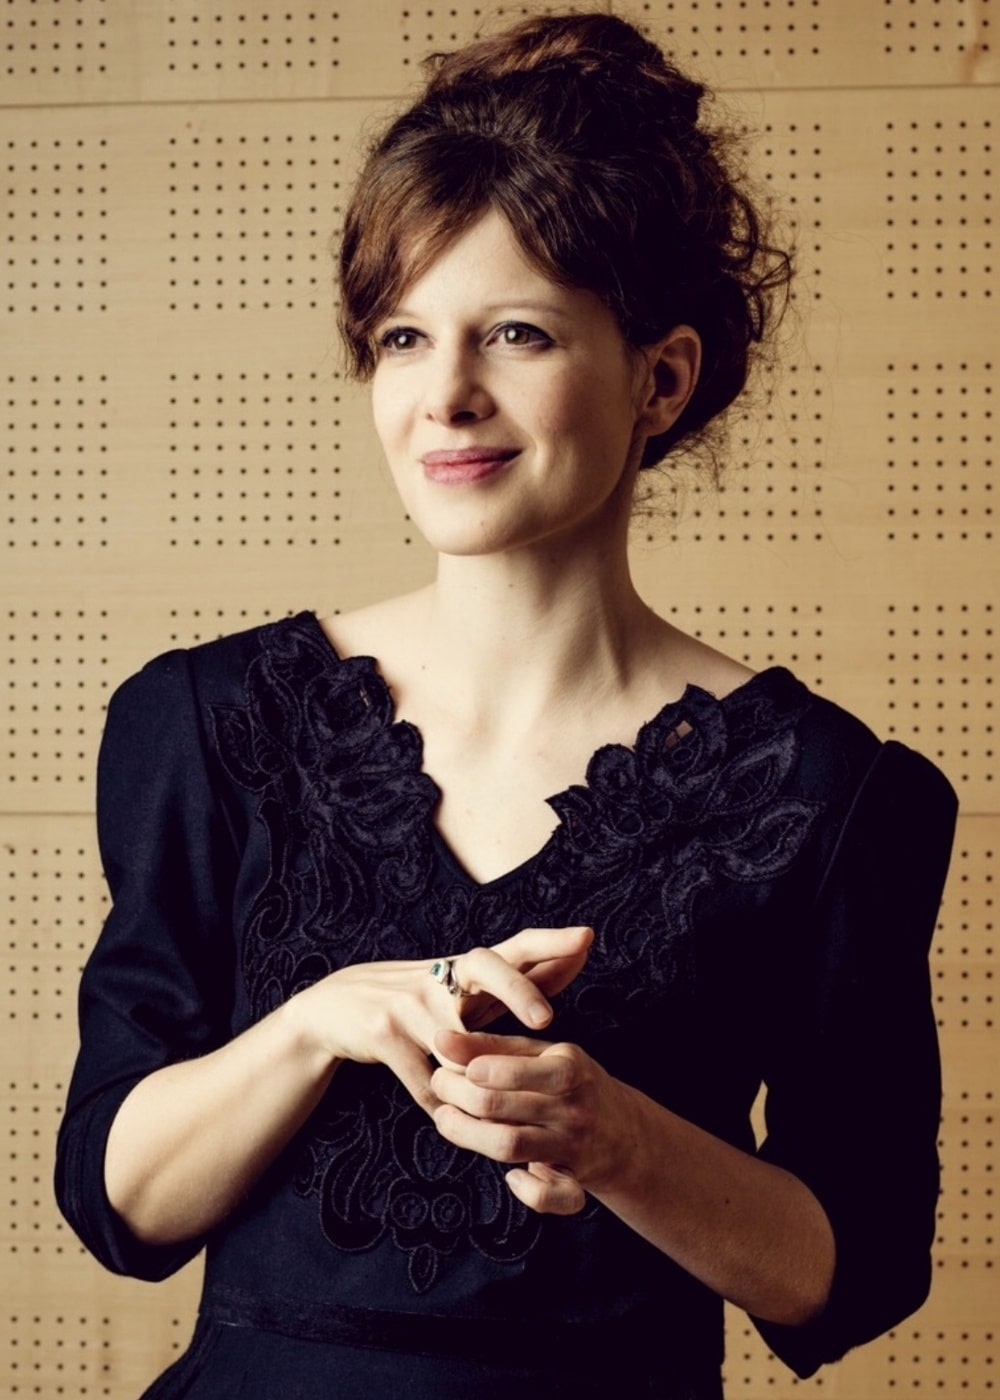 fotografia Karolina Gruszka w czarnej sukni